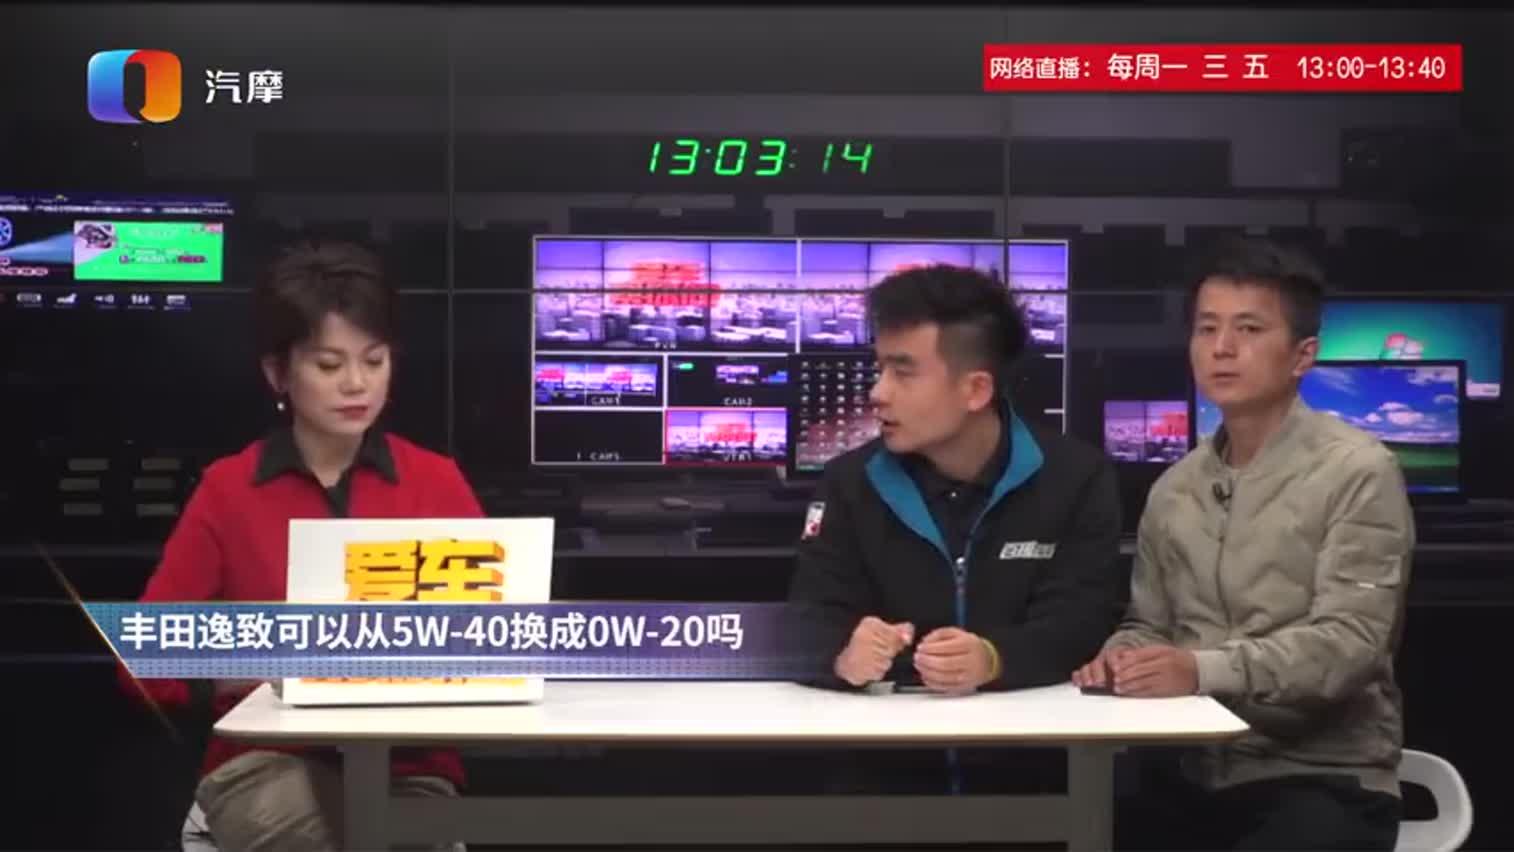 视频:丰田逸致可以从5W-40换成0W-20吗?(使用  录制)